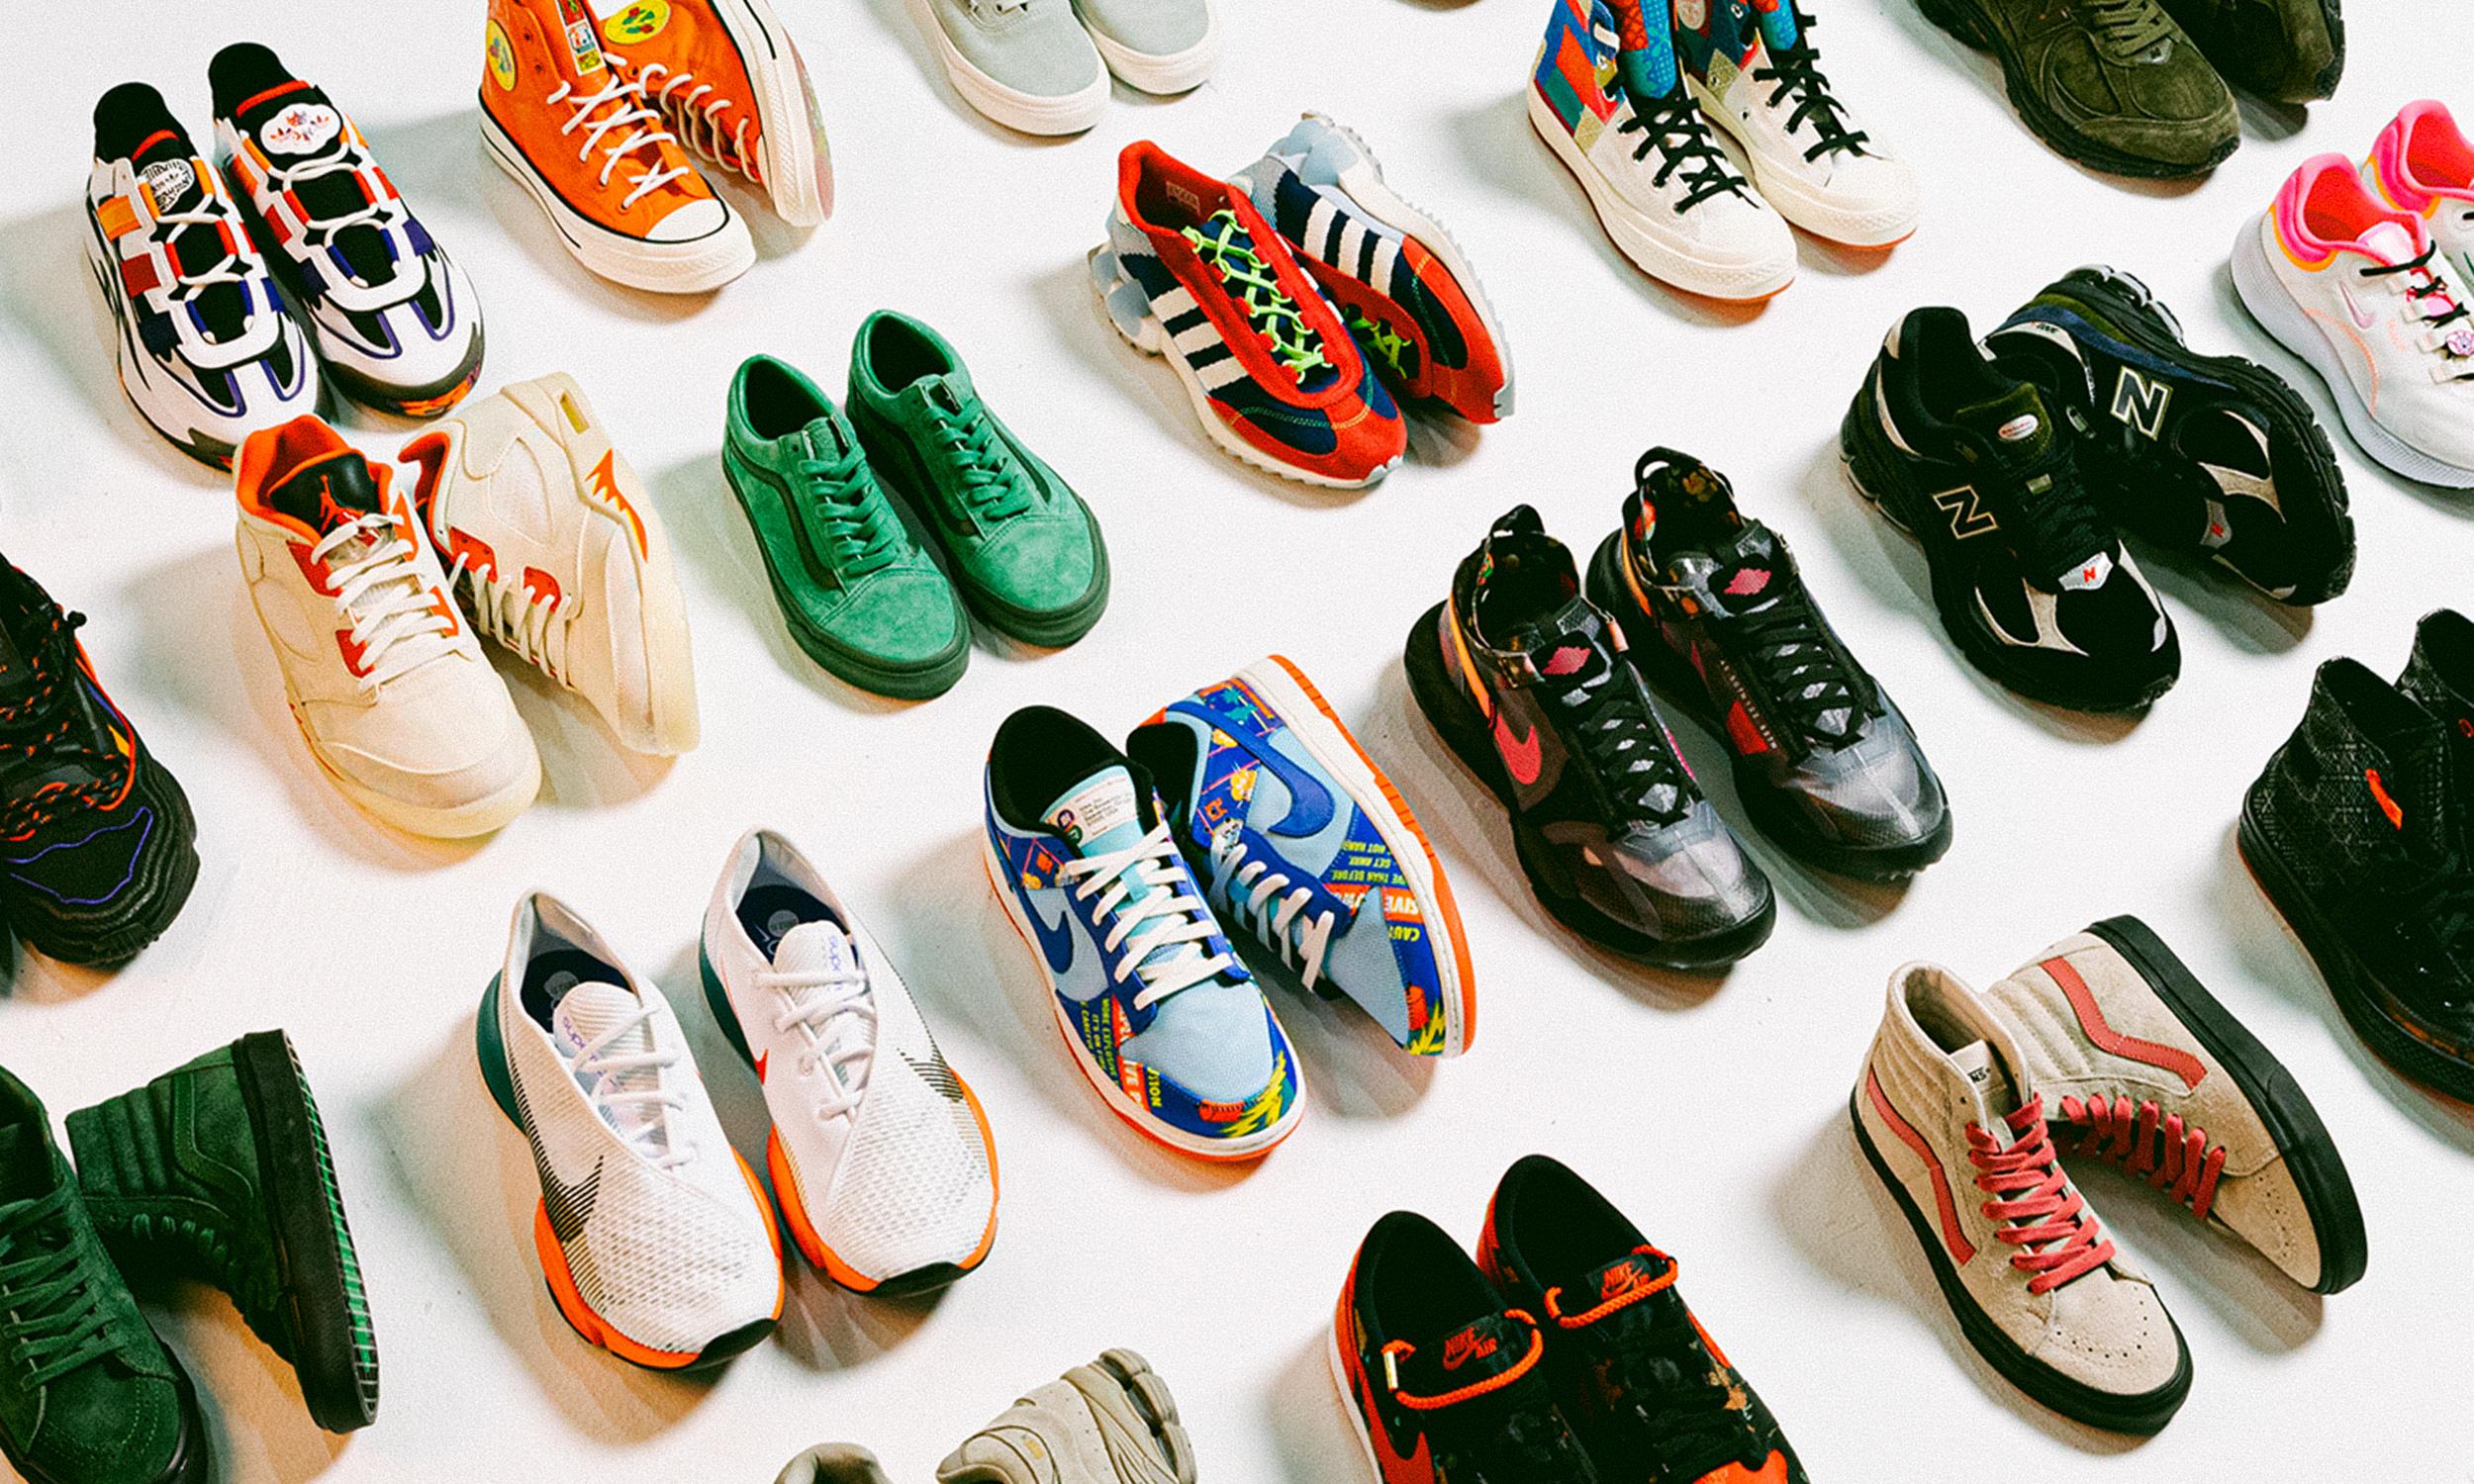 一个视频看完 24 双「新春球鞋」